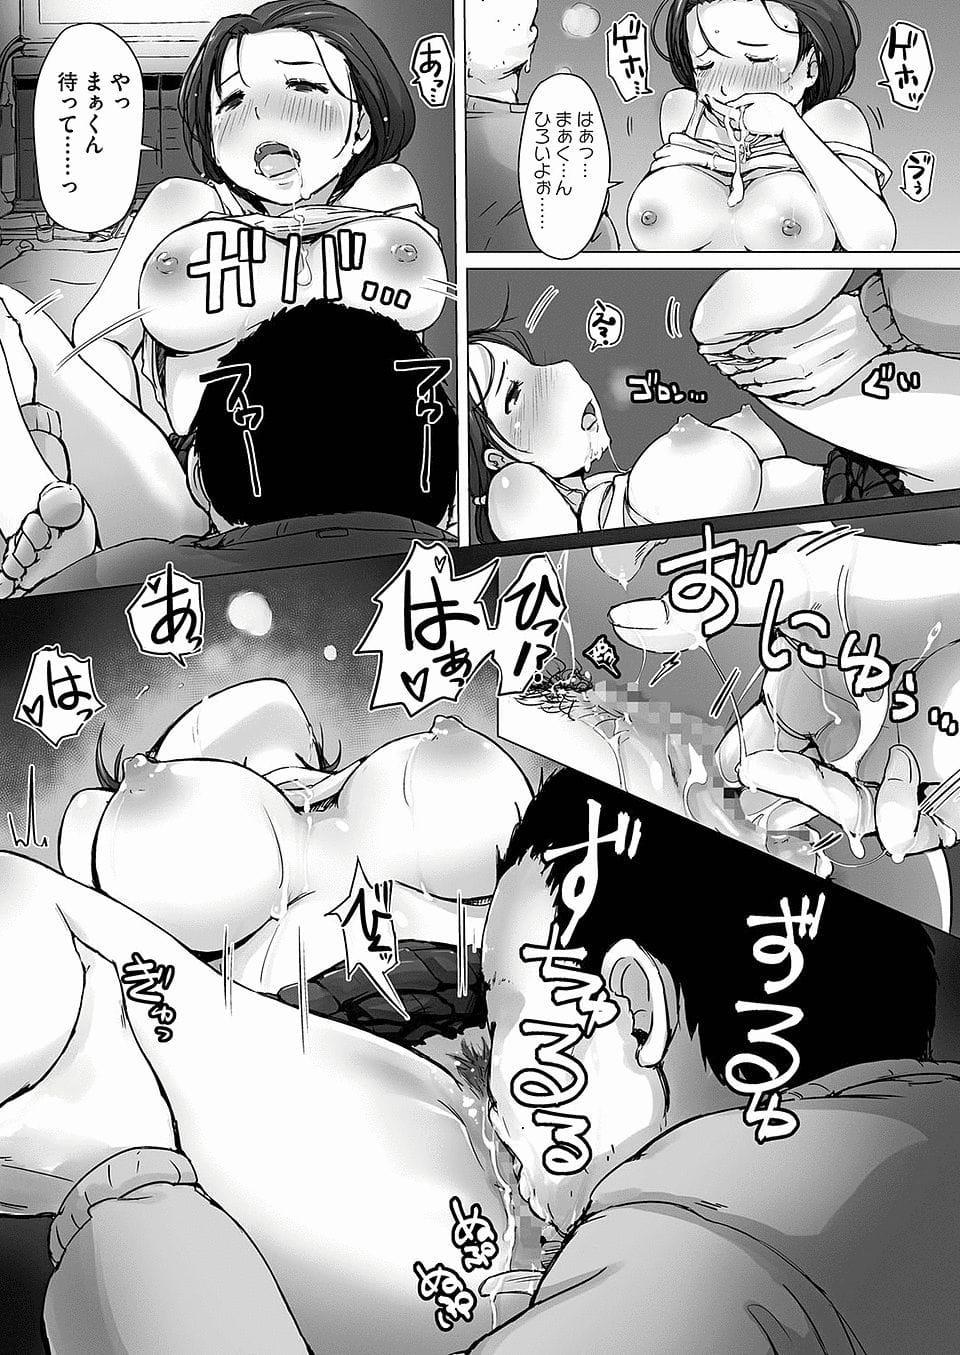 【エロ漫画】同窓会で飲みすぎて酔っ払って酩酊状態の巨乳人妻!なんとか帰宅したが入った部屋はお隣さん家!センズリこいてた隣人男はそのままNTR!旦那と勘違い!【あらくれ】